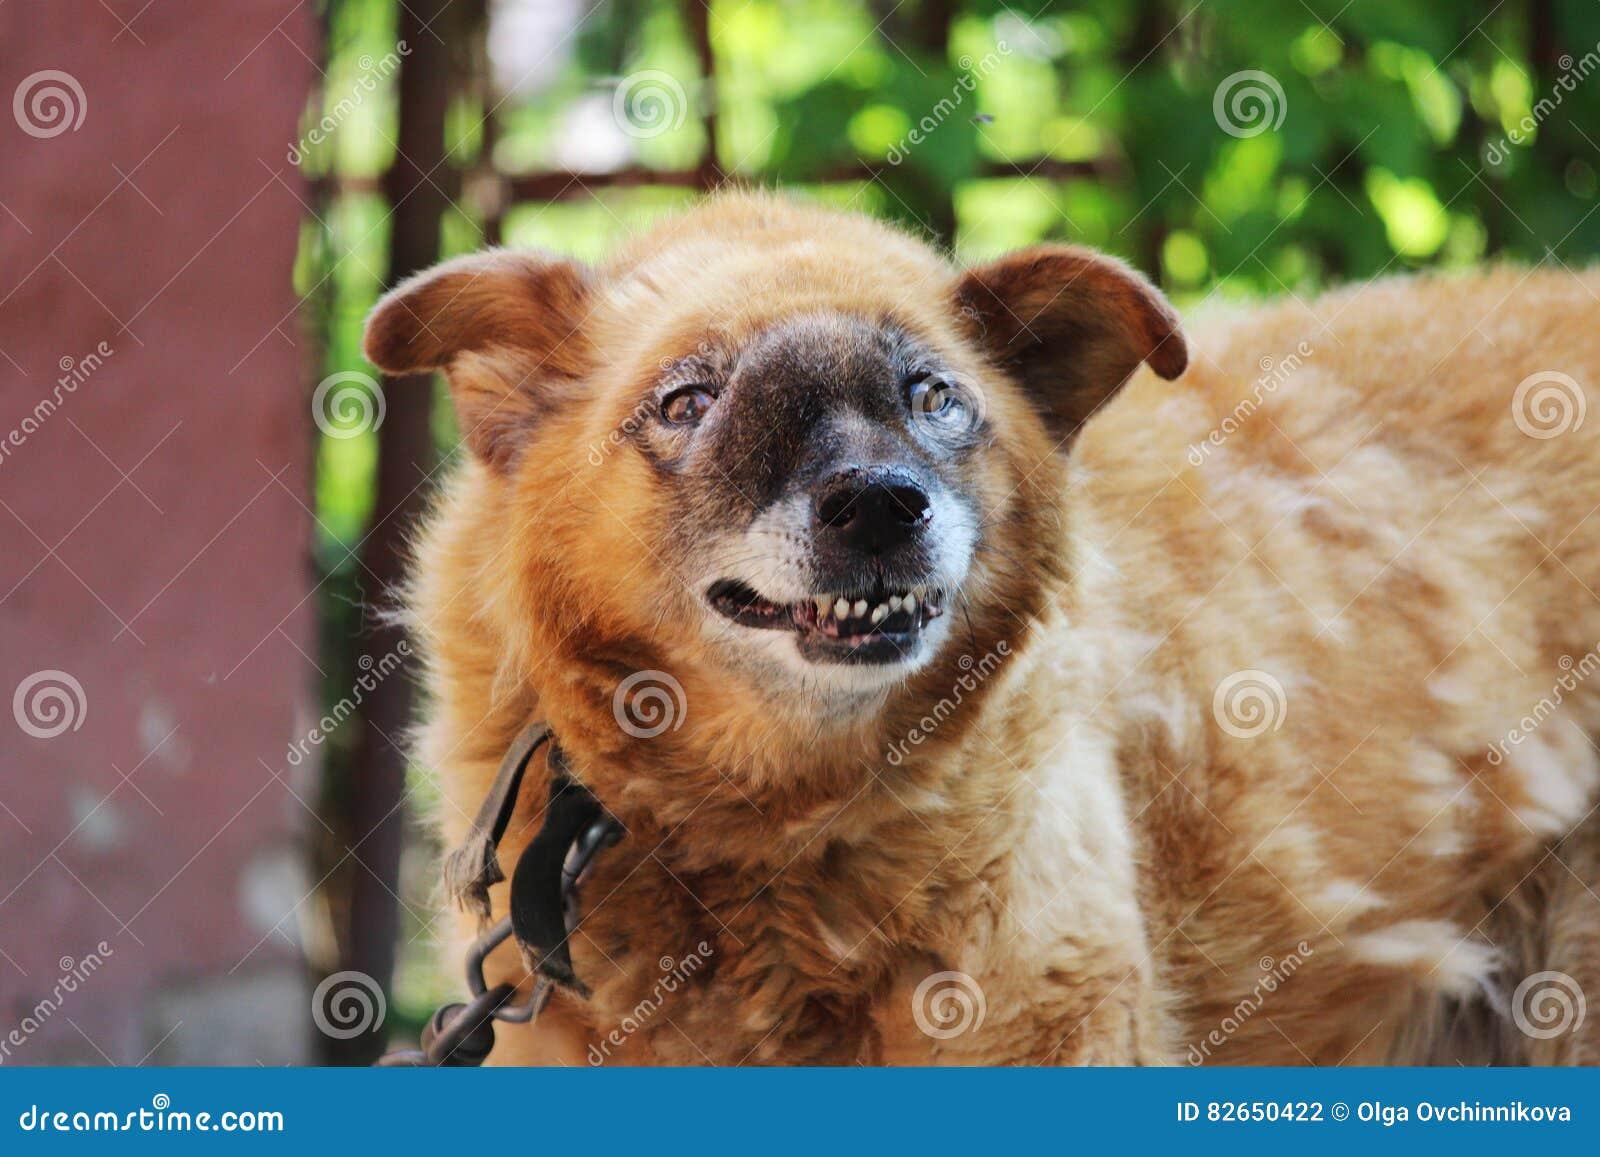 Alter Roter Kettenhund Mit Einem Bösartigen Funktionsunfähigen Tumor ...